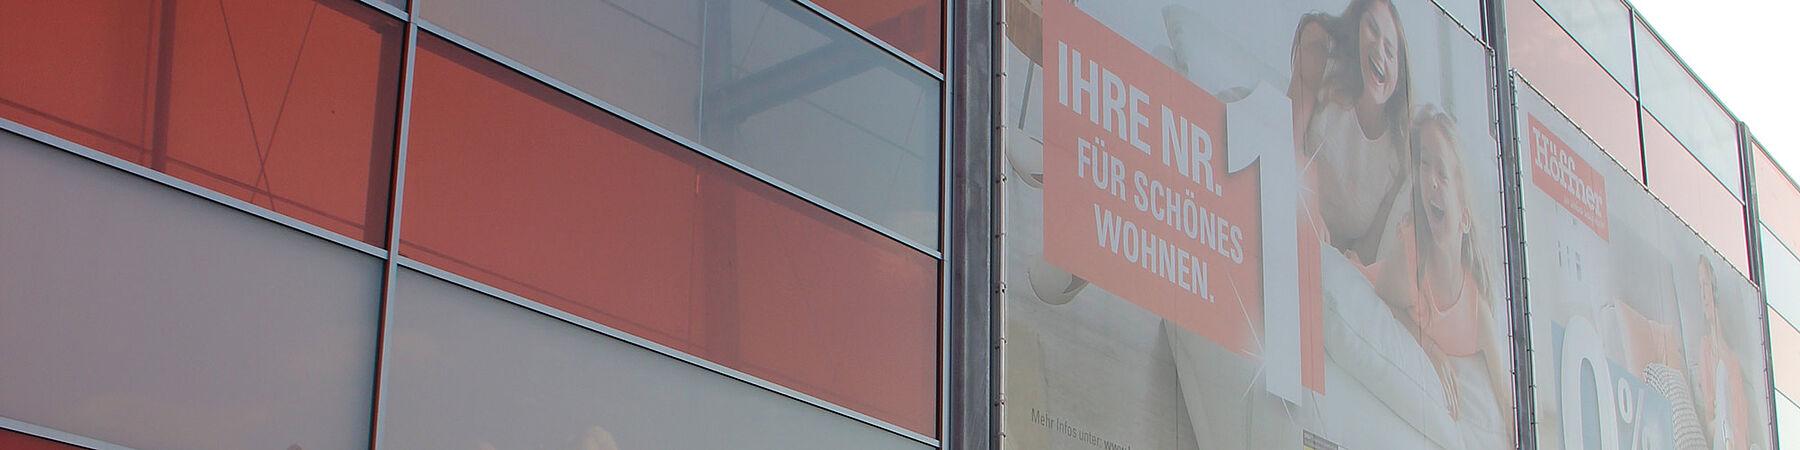 I-SYS Edelstahl Seilsysteme vorgehängte Fassade Werbefläche